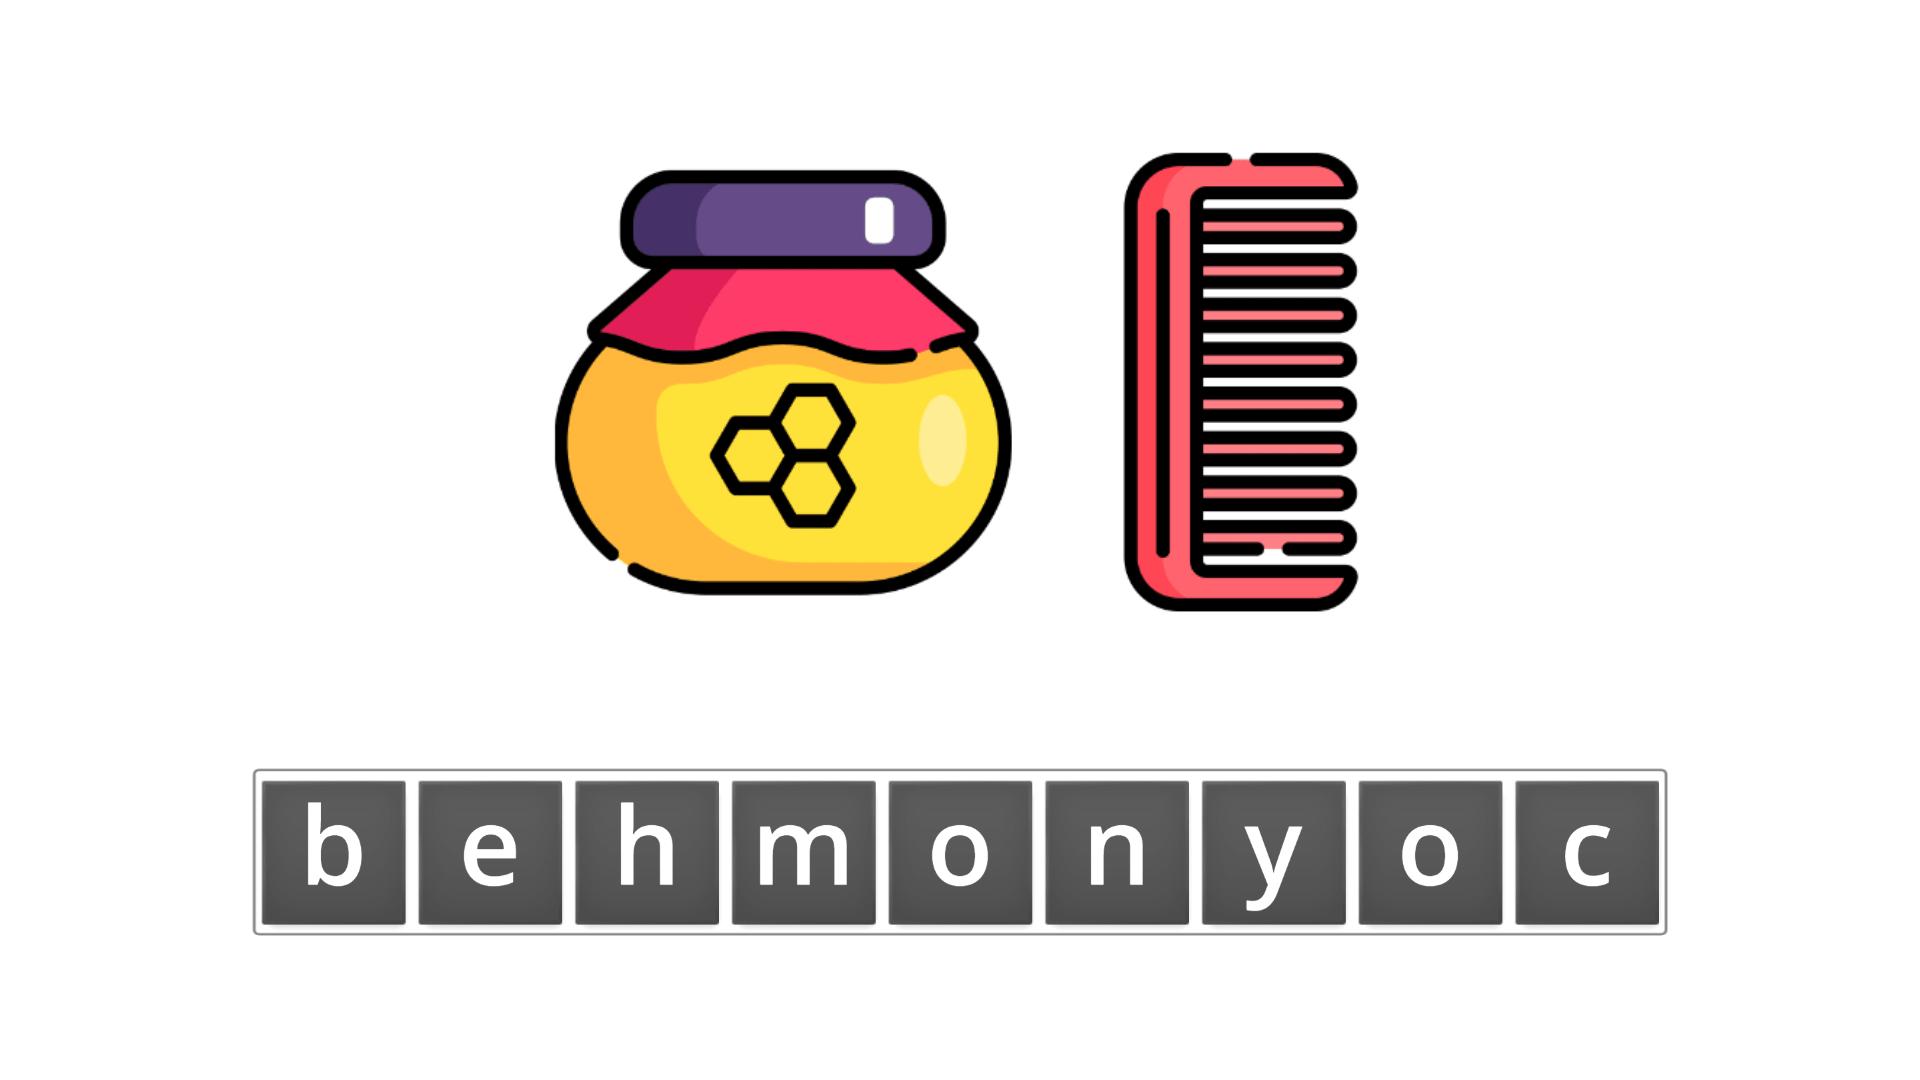 esl resources - flashcards - compound nouns  - unscramble - honeycomb